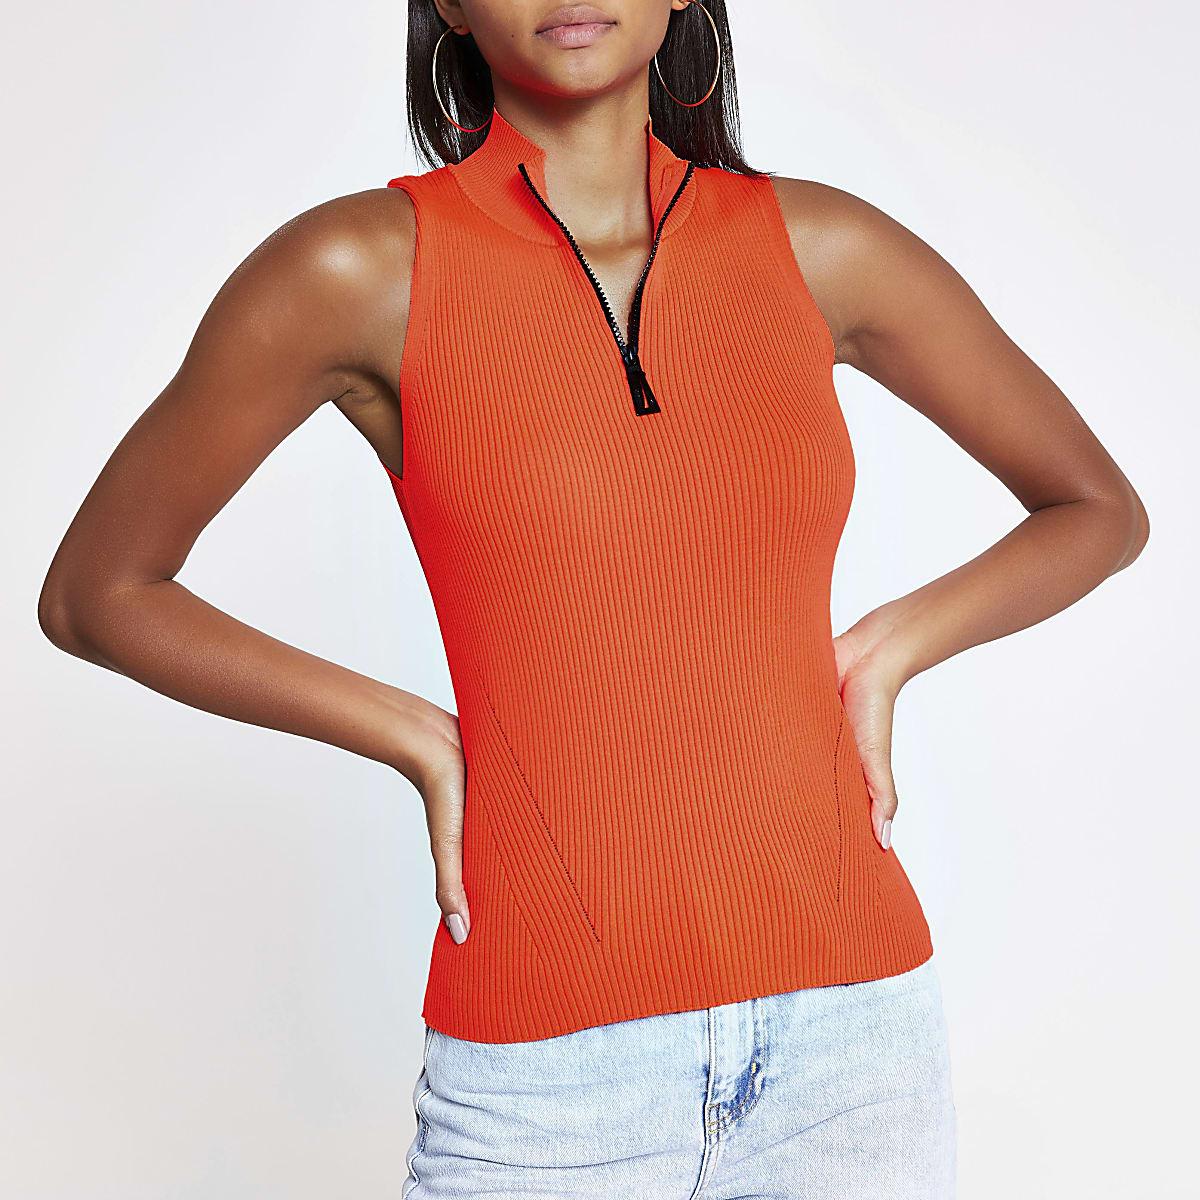 Neon orange half zip knitted top